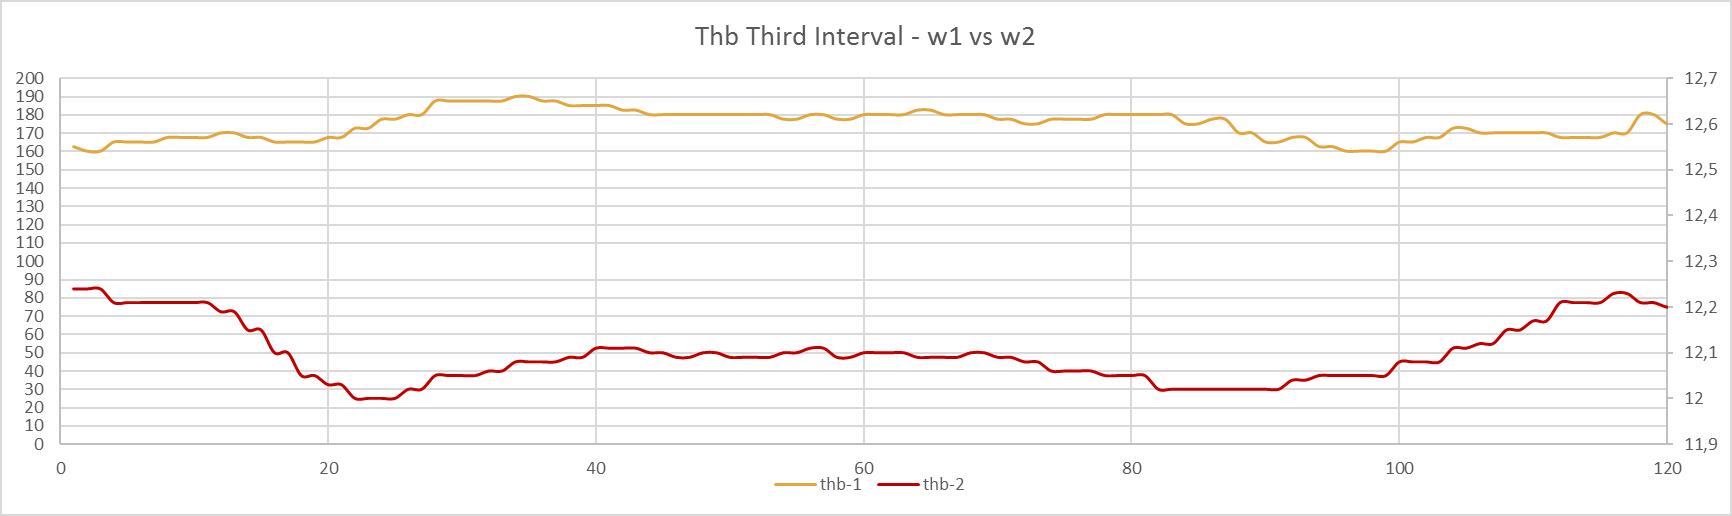 w1-w2-thb.png